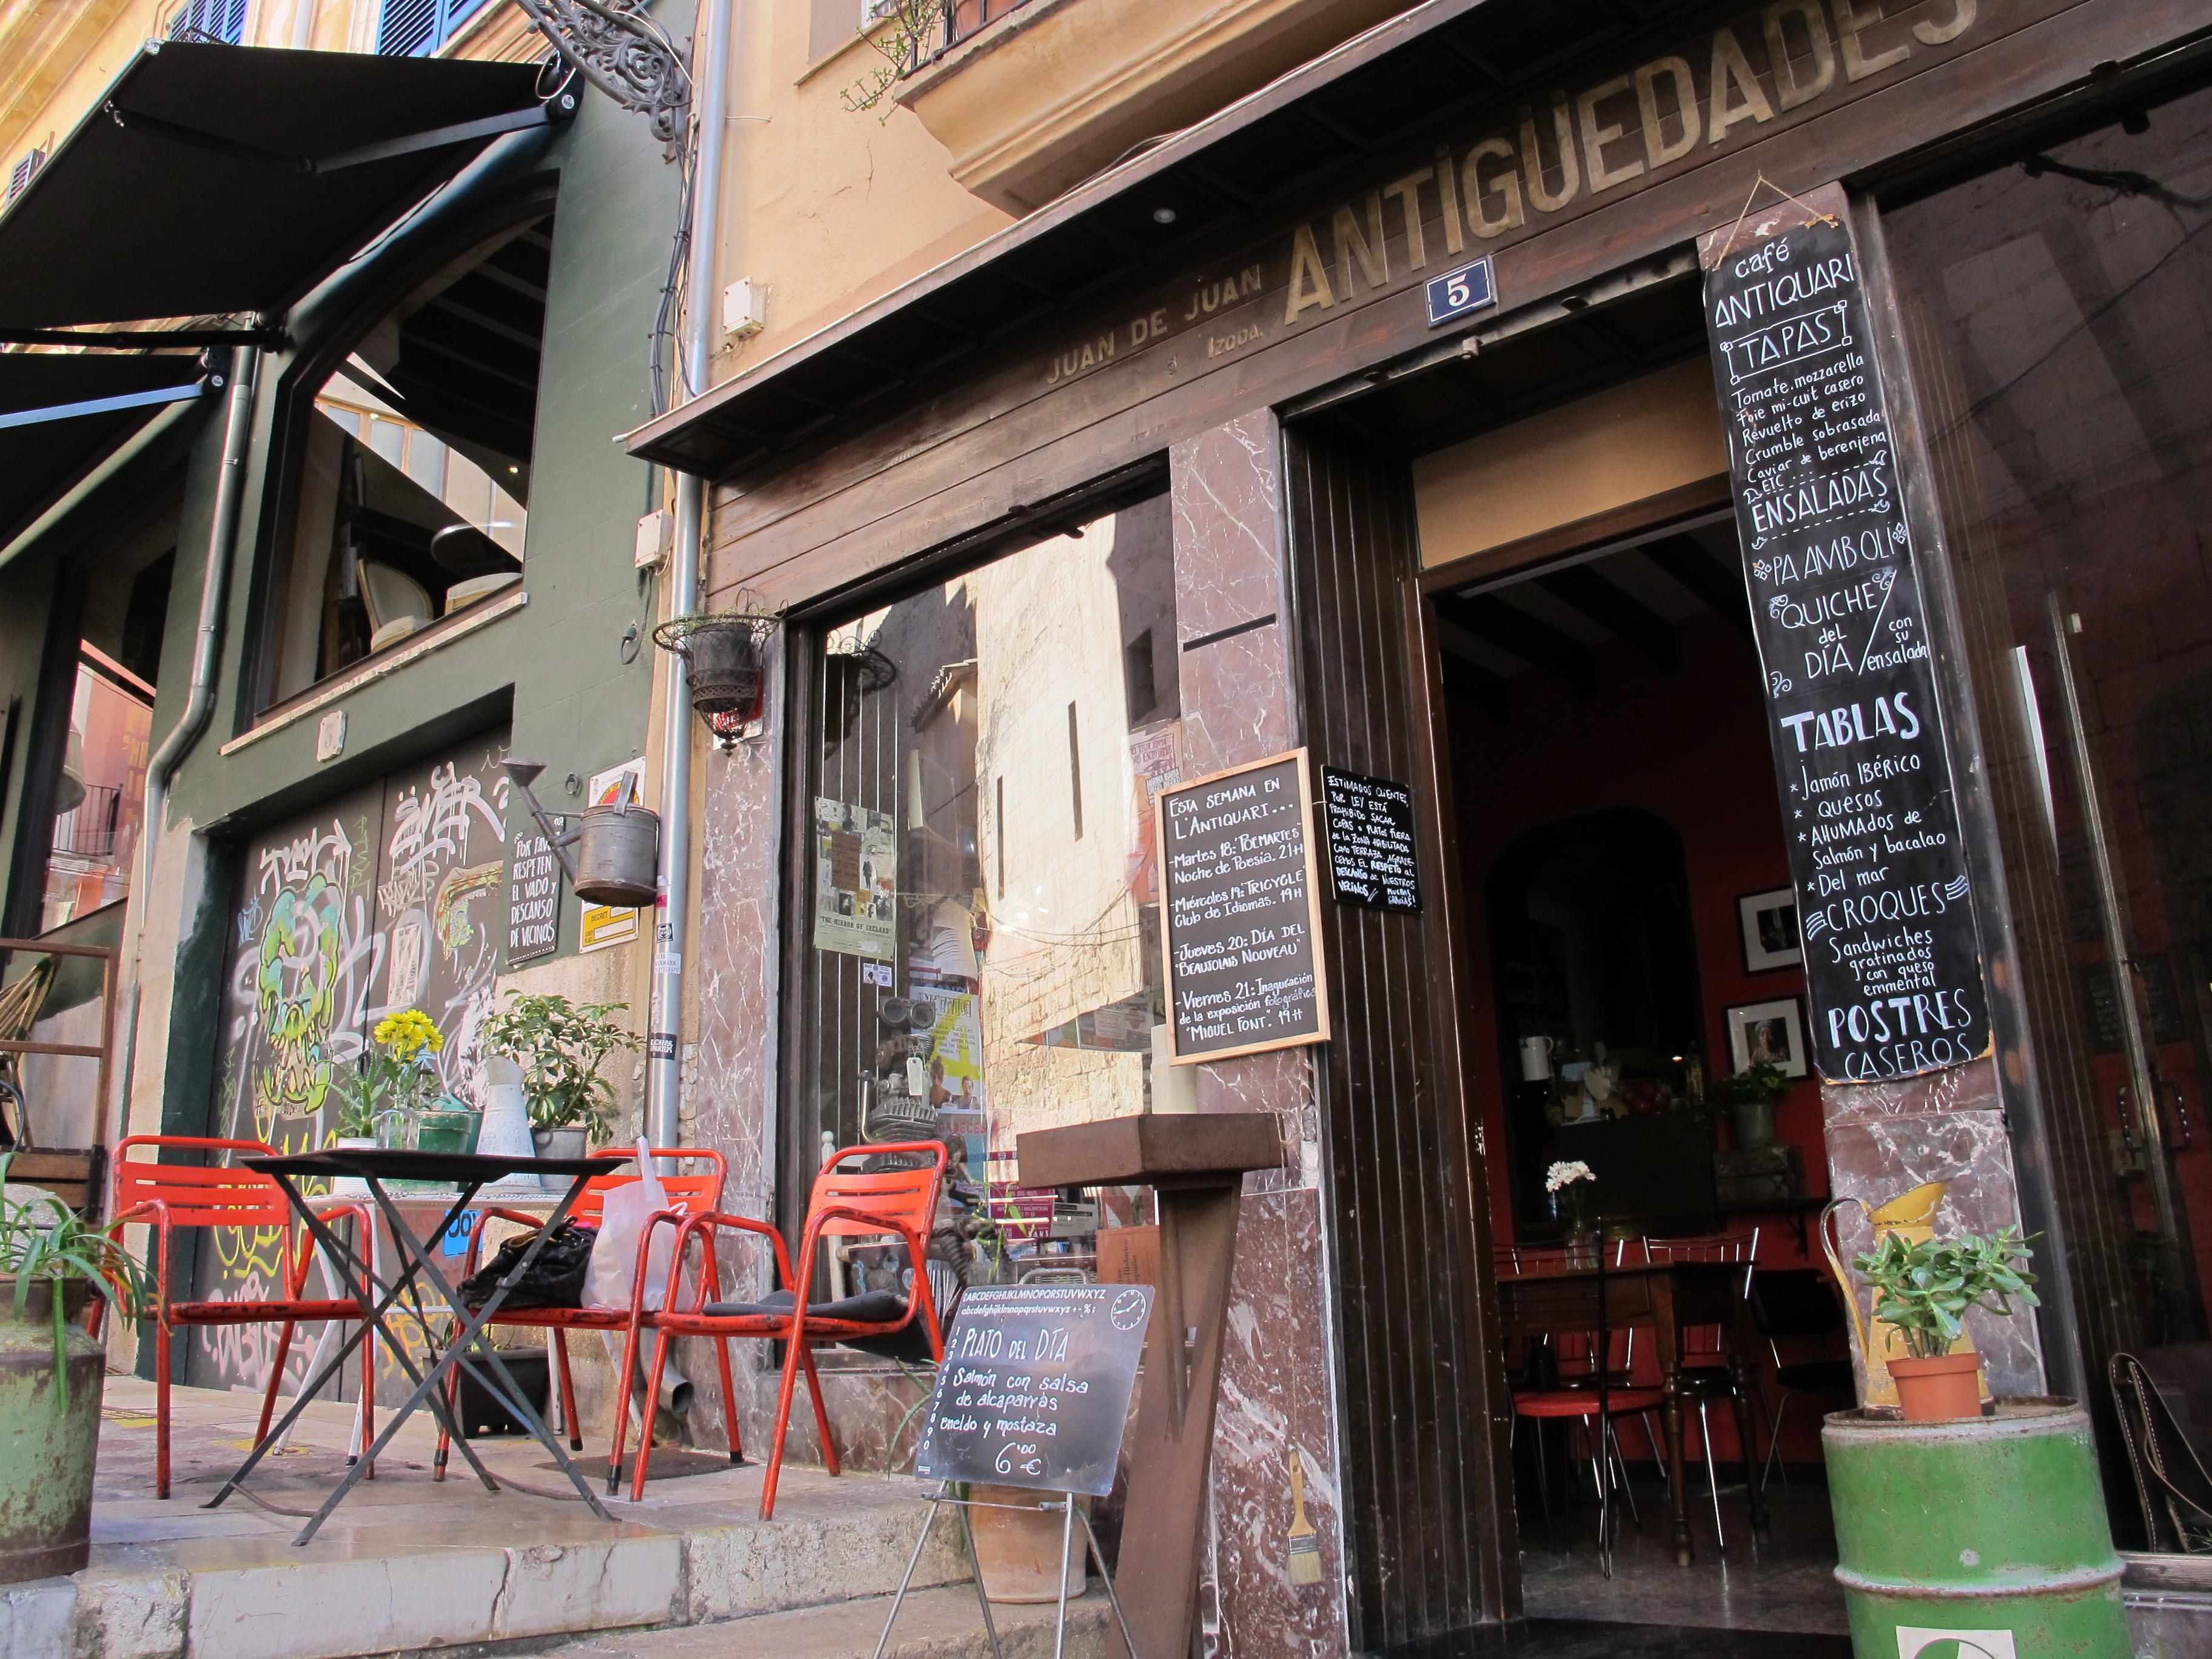 Reisefeder, Reise, Travel, Travelblog, Spanien, Mallorca, Palma, Altstadt